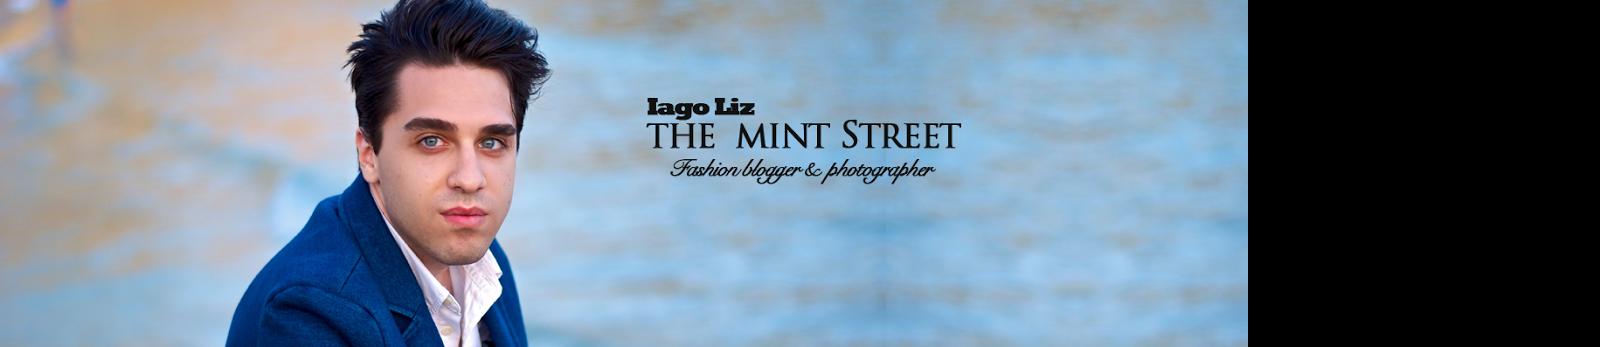 # the mint Street